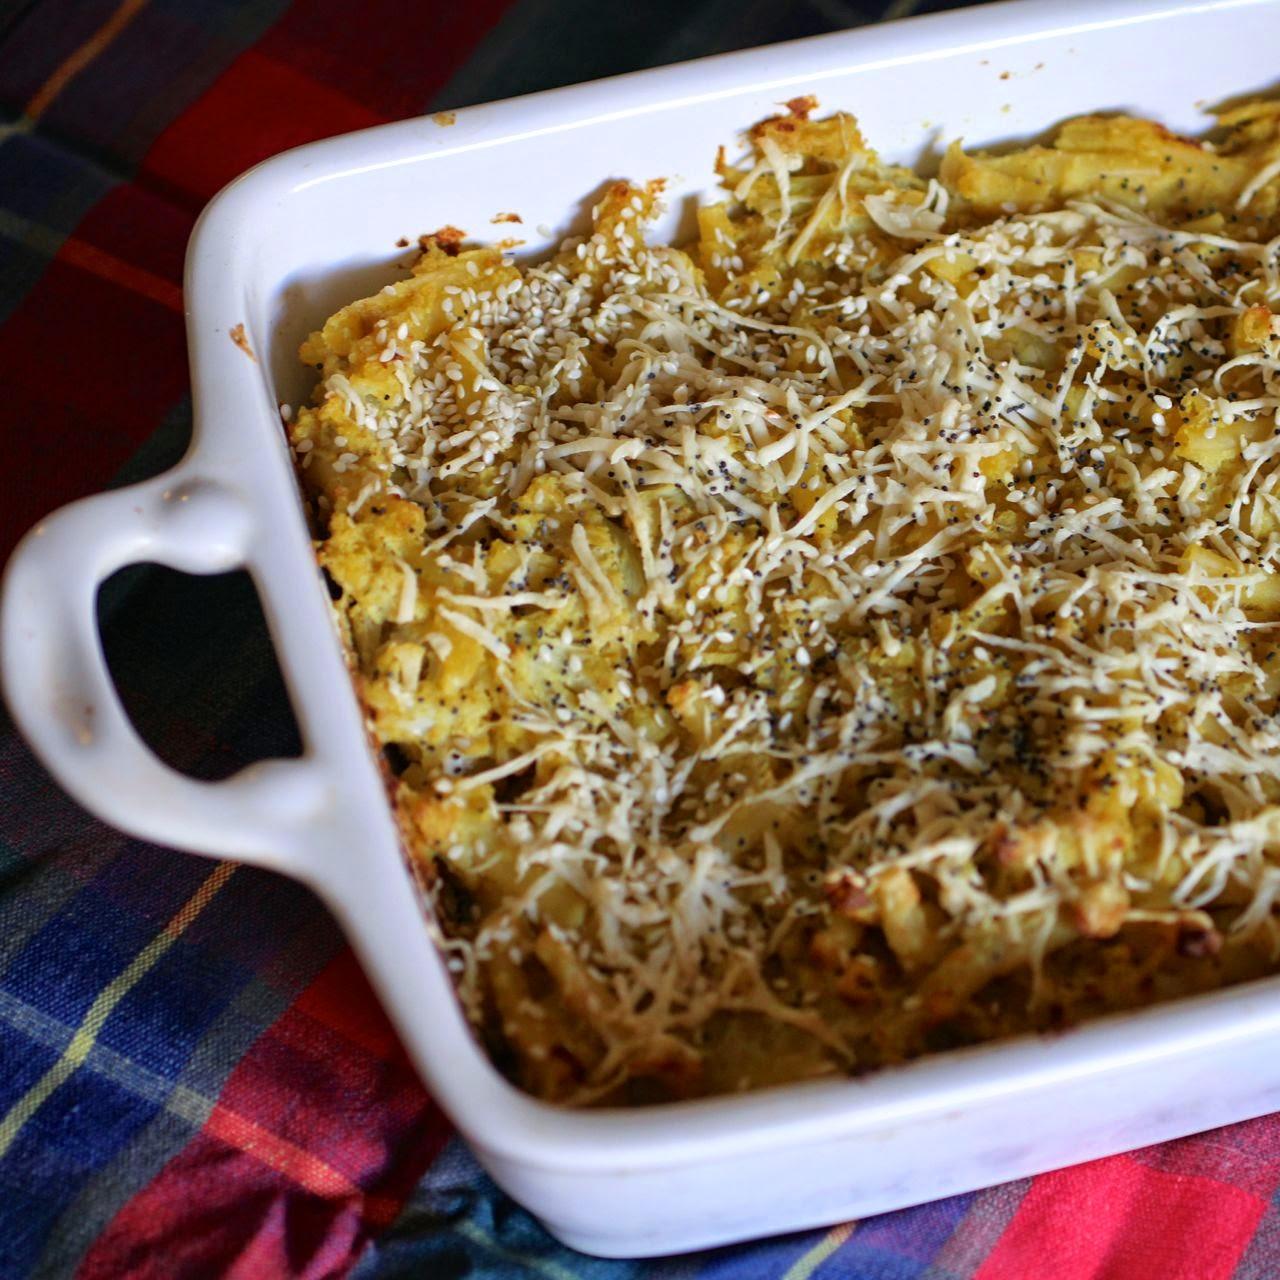 vegan macaroni cheese with sauerkraut, cauliflower and blue cheese